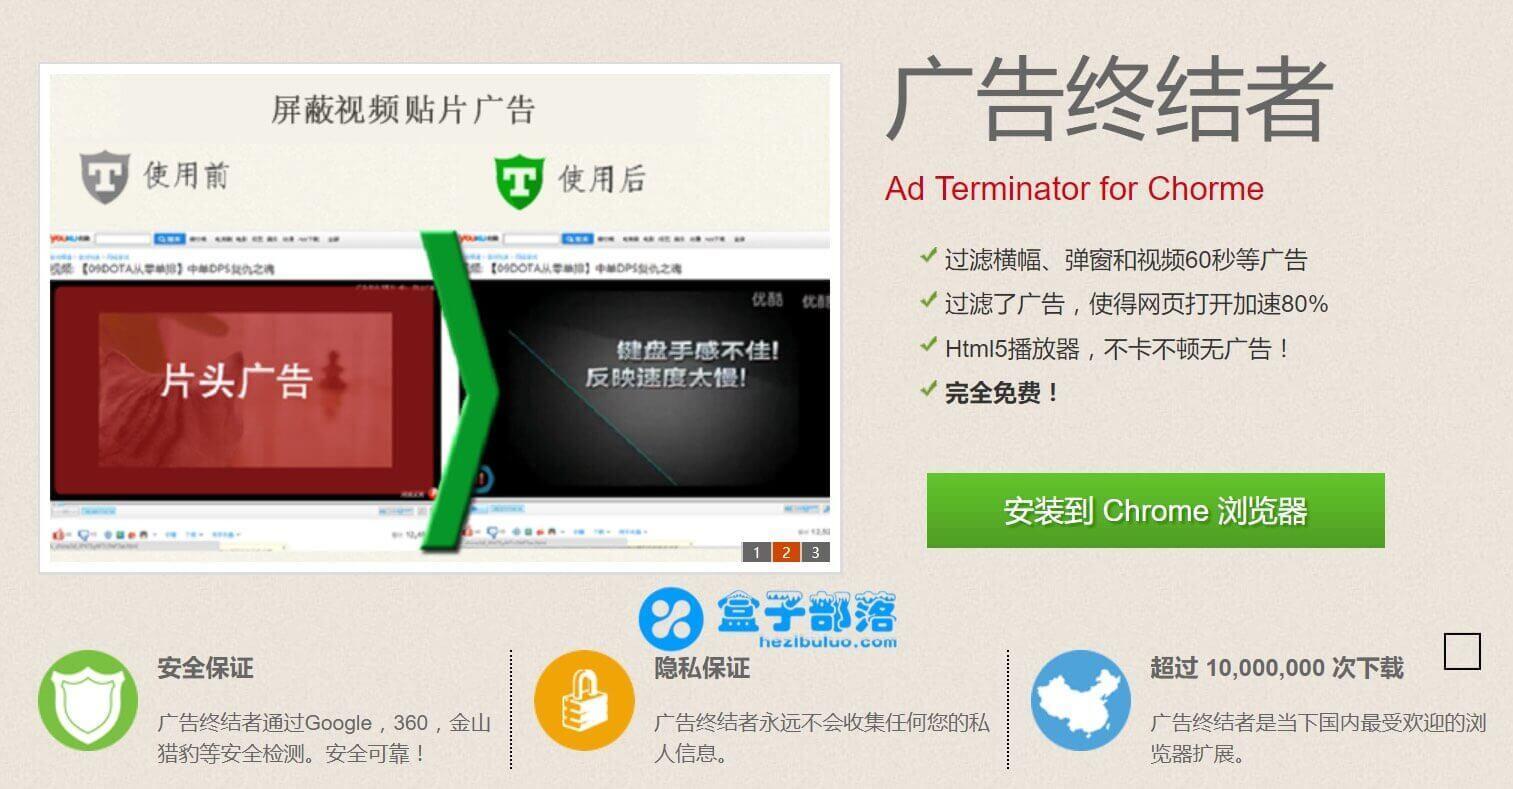 超级实用的浏览器插件!支持Chrome、火狐、360等主流浏览器